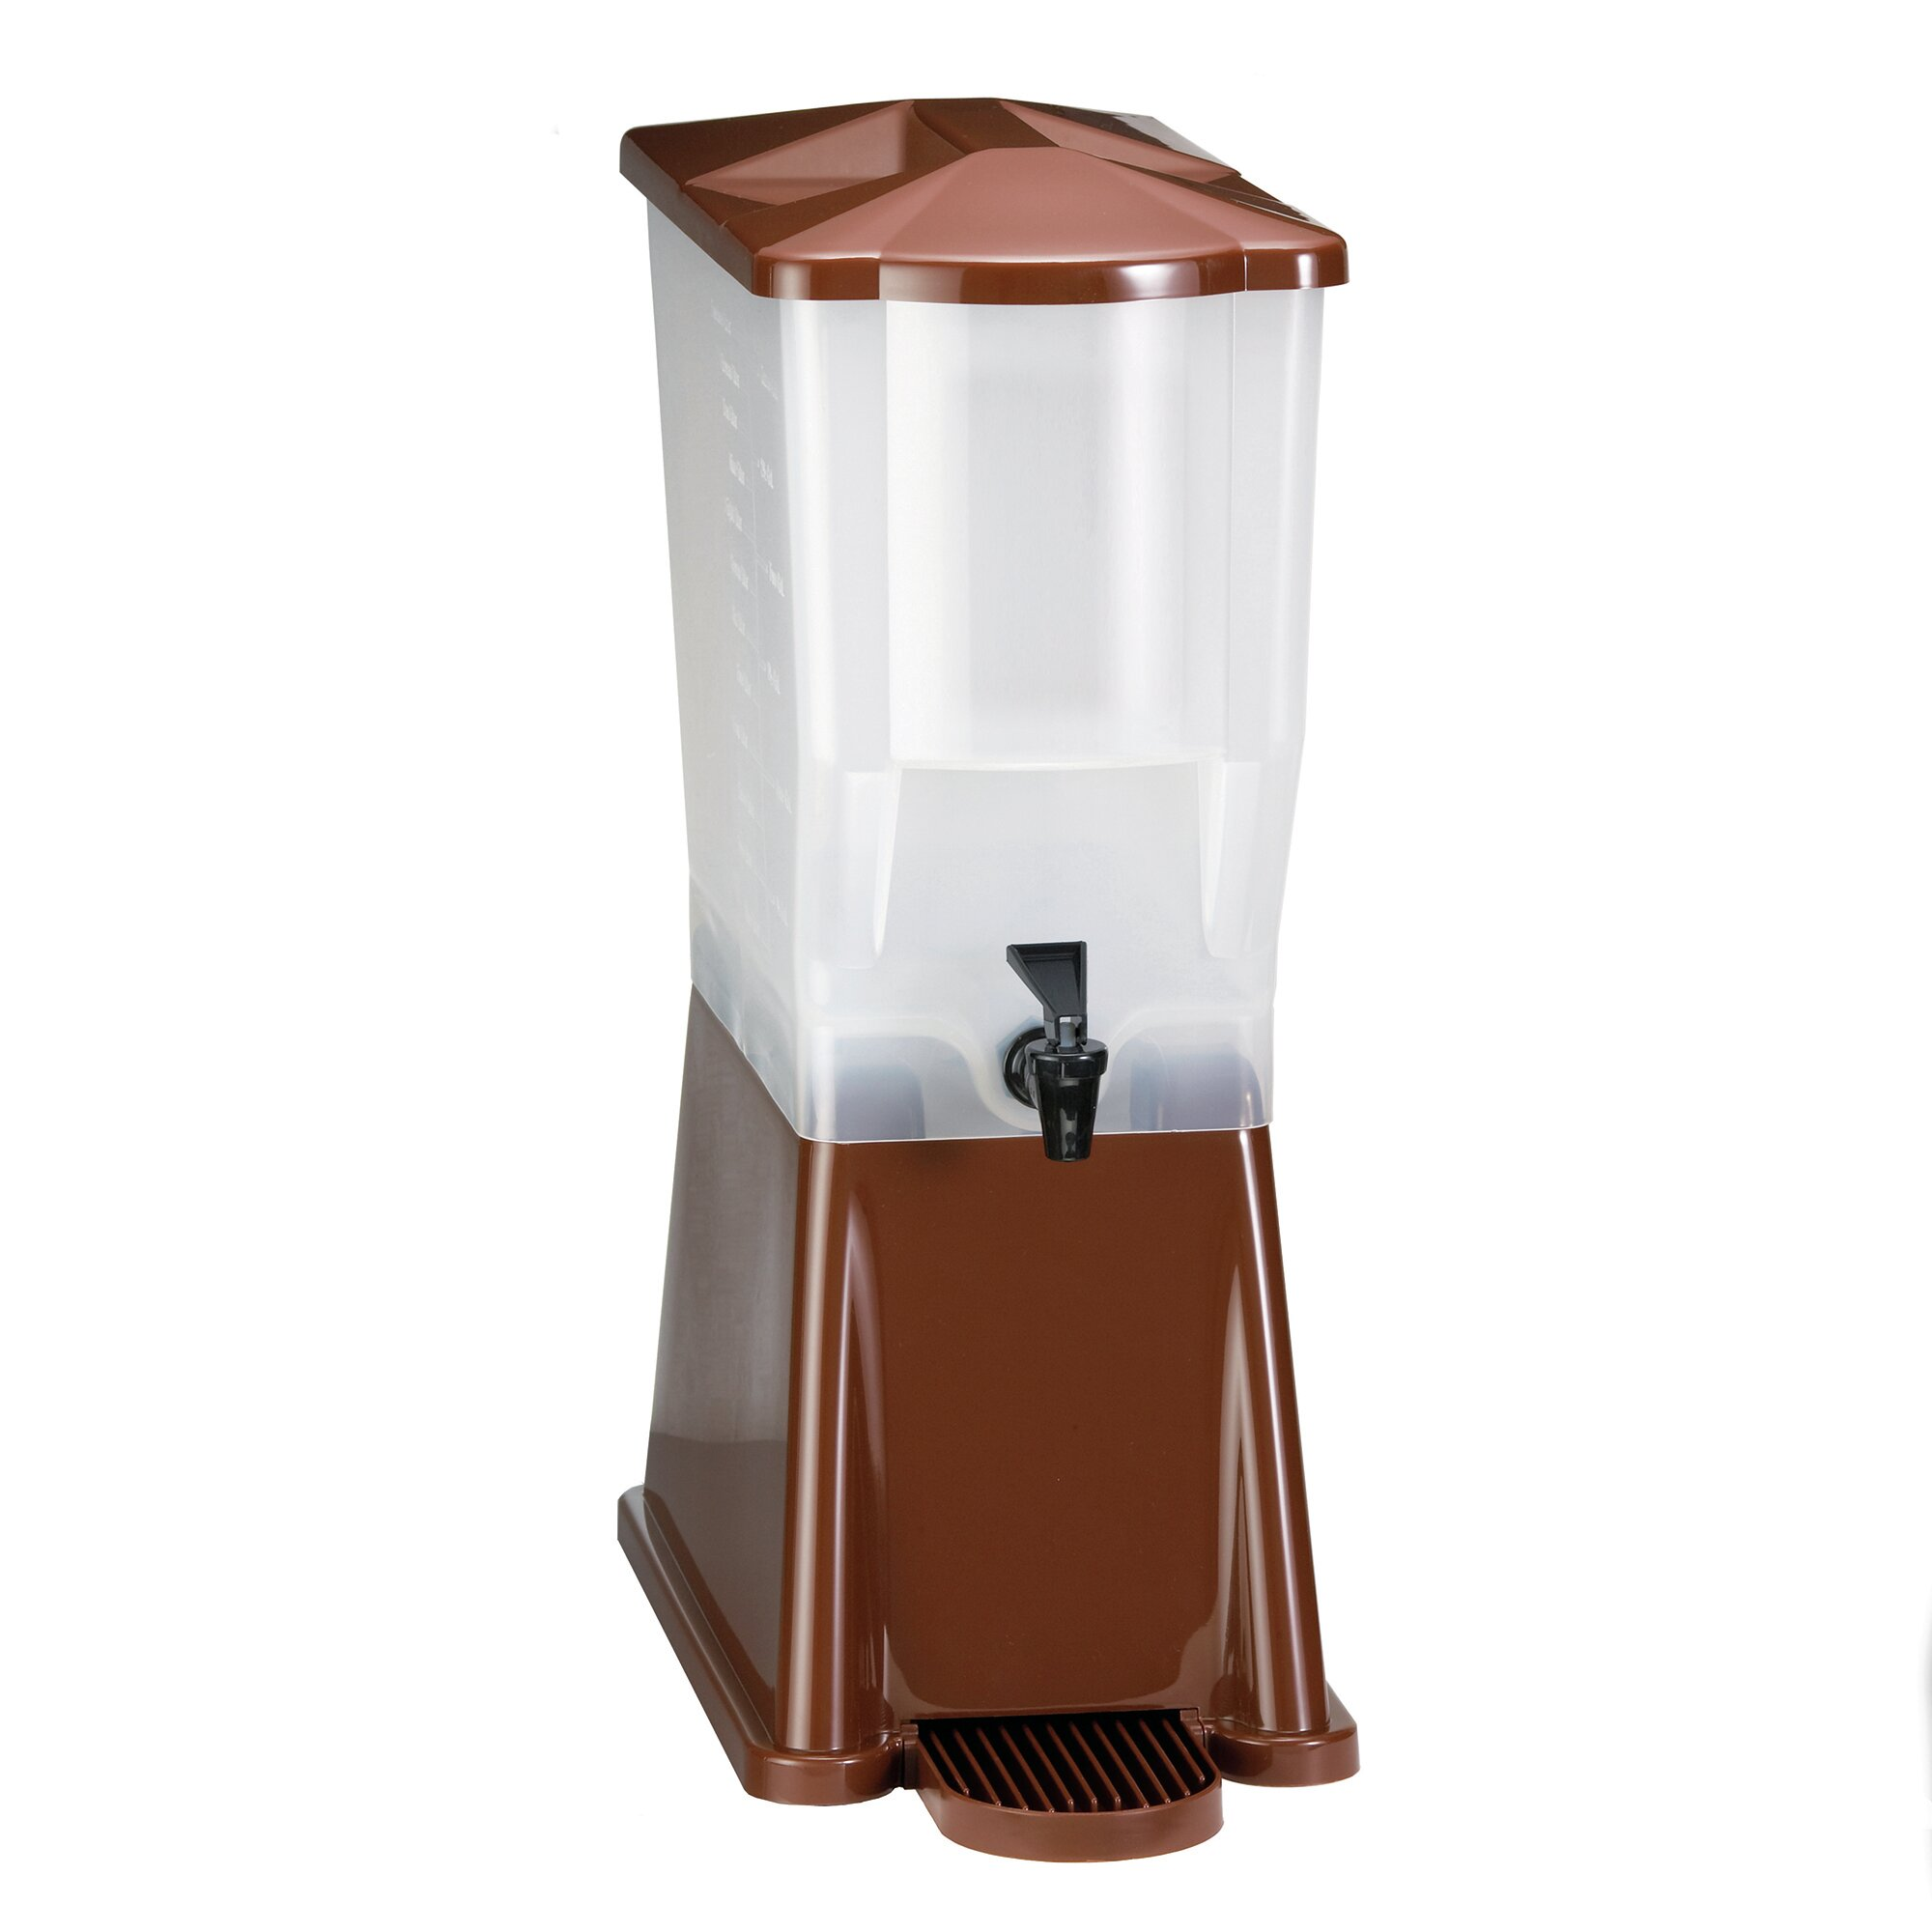 Tablecraft Slimline 3 Gallon Beverage Dispenser Wayfair